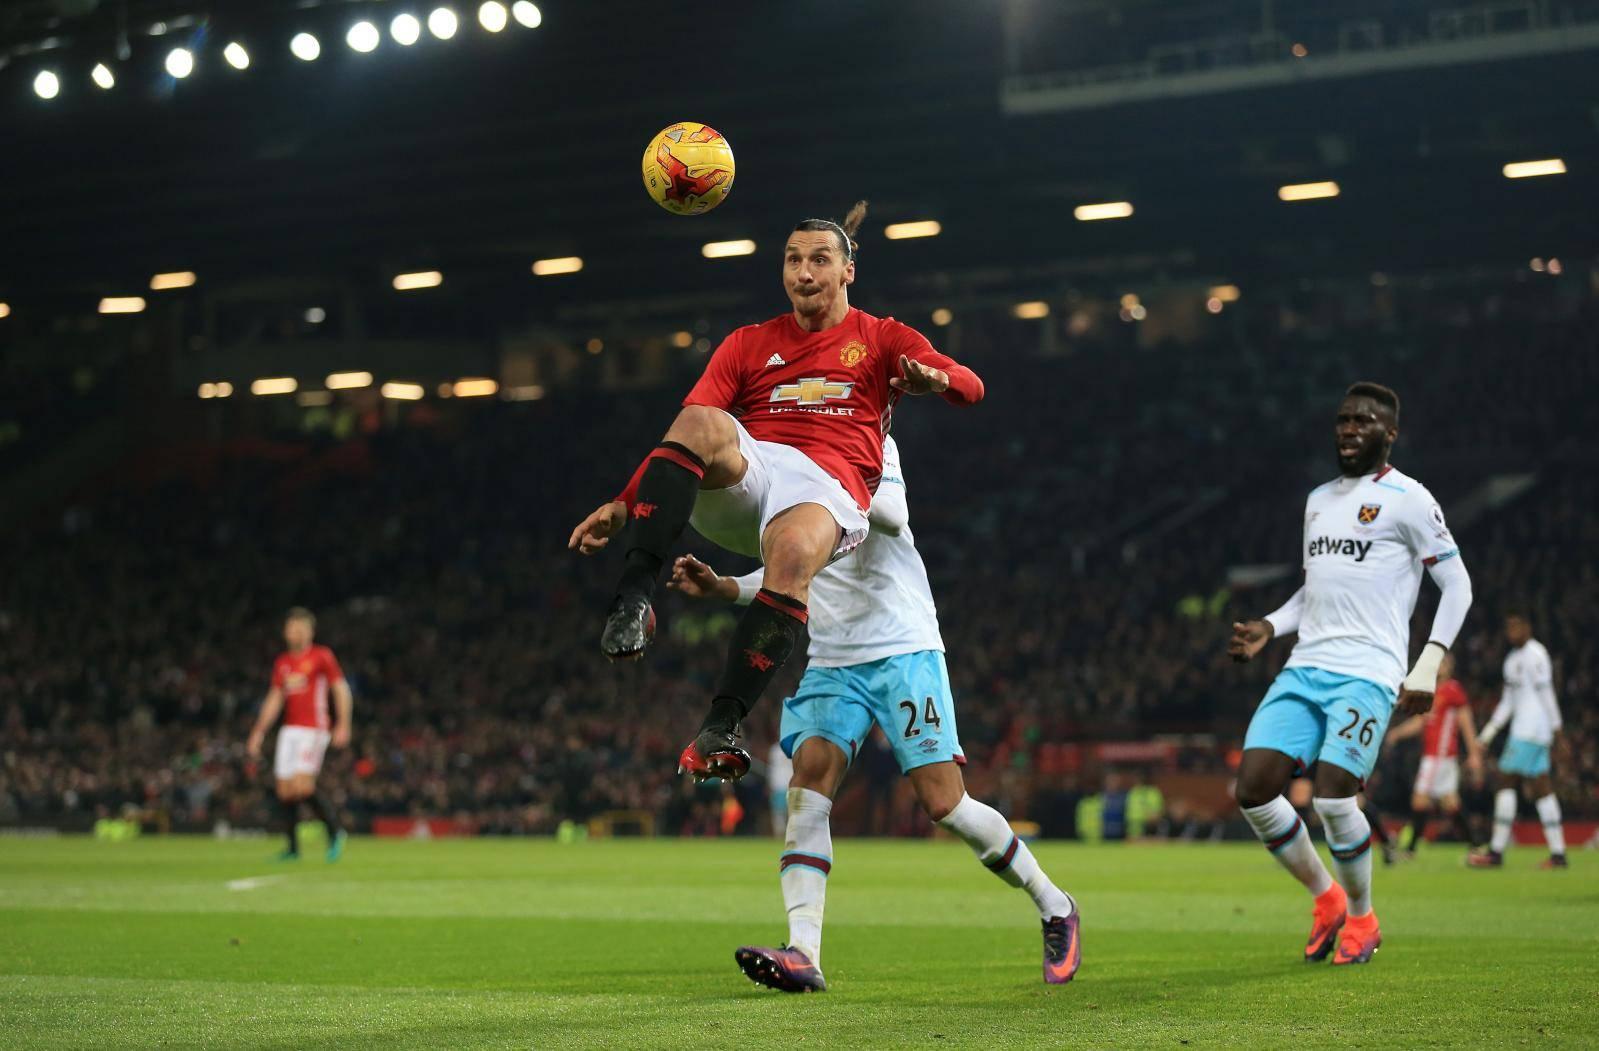 Manchester United v West Ham United - EFL Cup - Quarter Final - Old Trafford